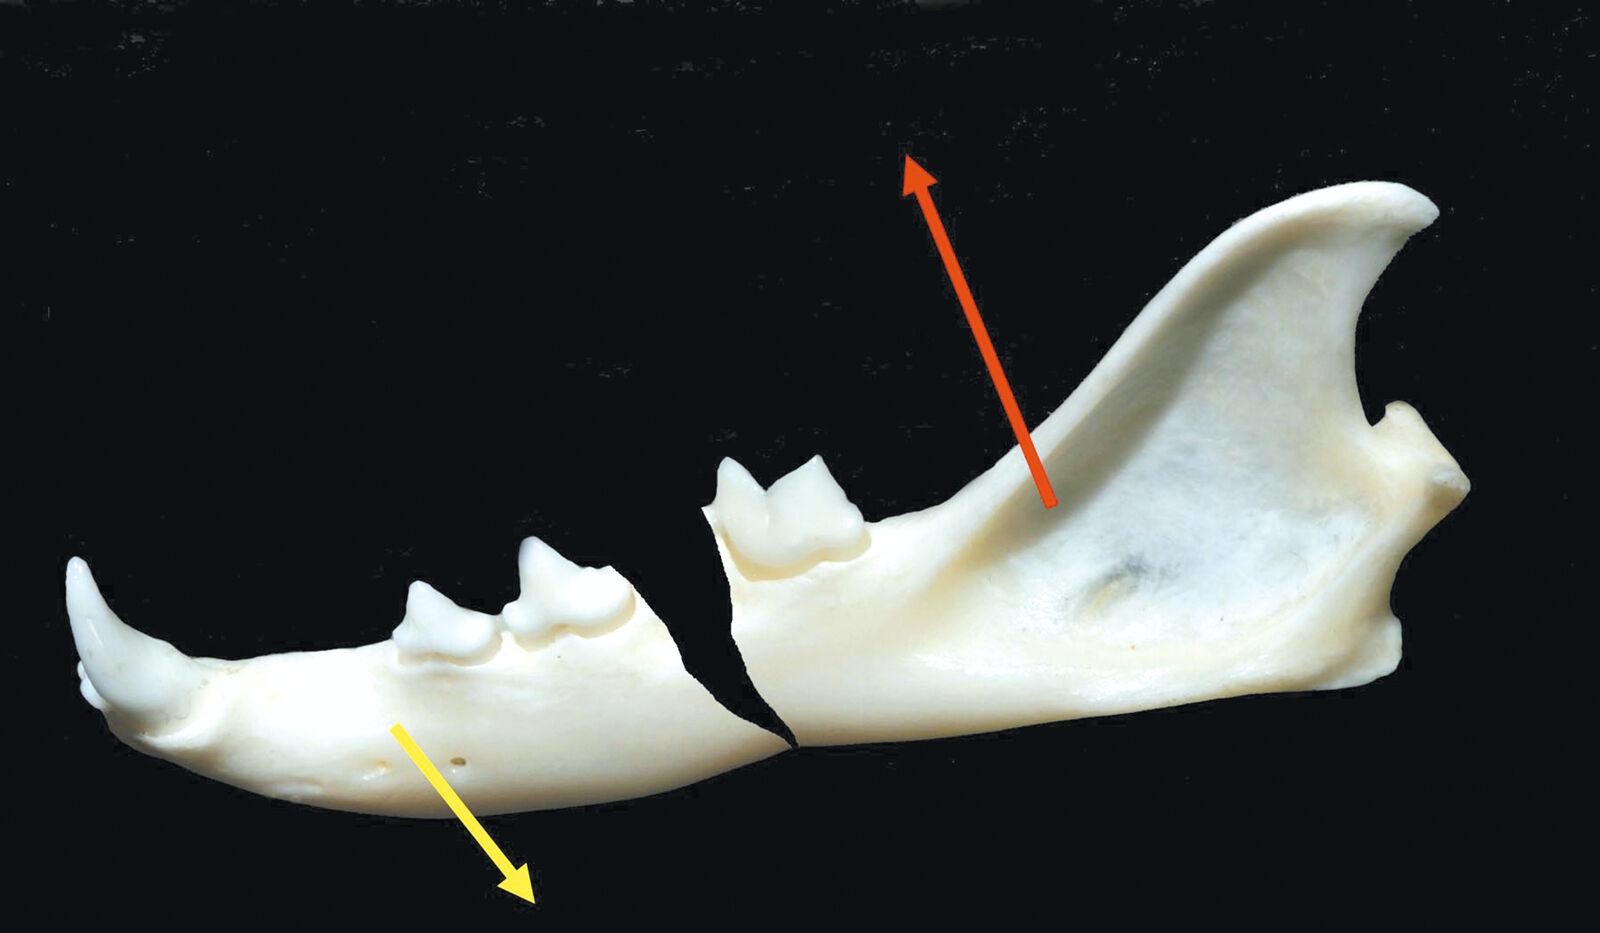 Figura 3. Fractura del cuerpo mandibular; la flecha amarilla muestra la dirección en la que tiran los músculos que abren la mandíbula; la flecha roja muestra la dirección en la que tiran los músculos que cierran la mandíbula. Apertura de la línea de fractura y mal alineamiento